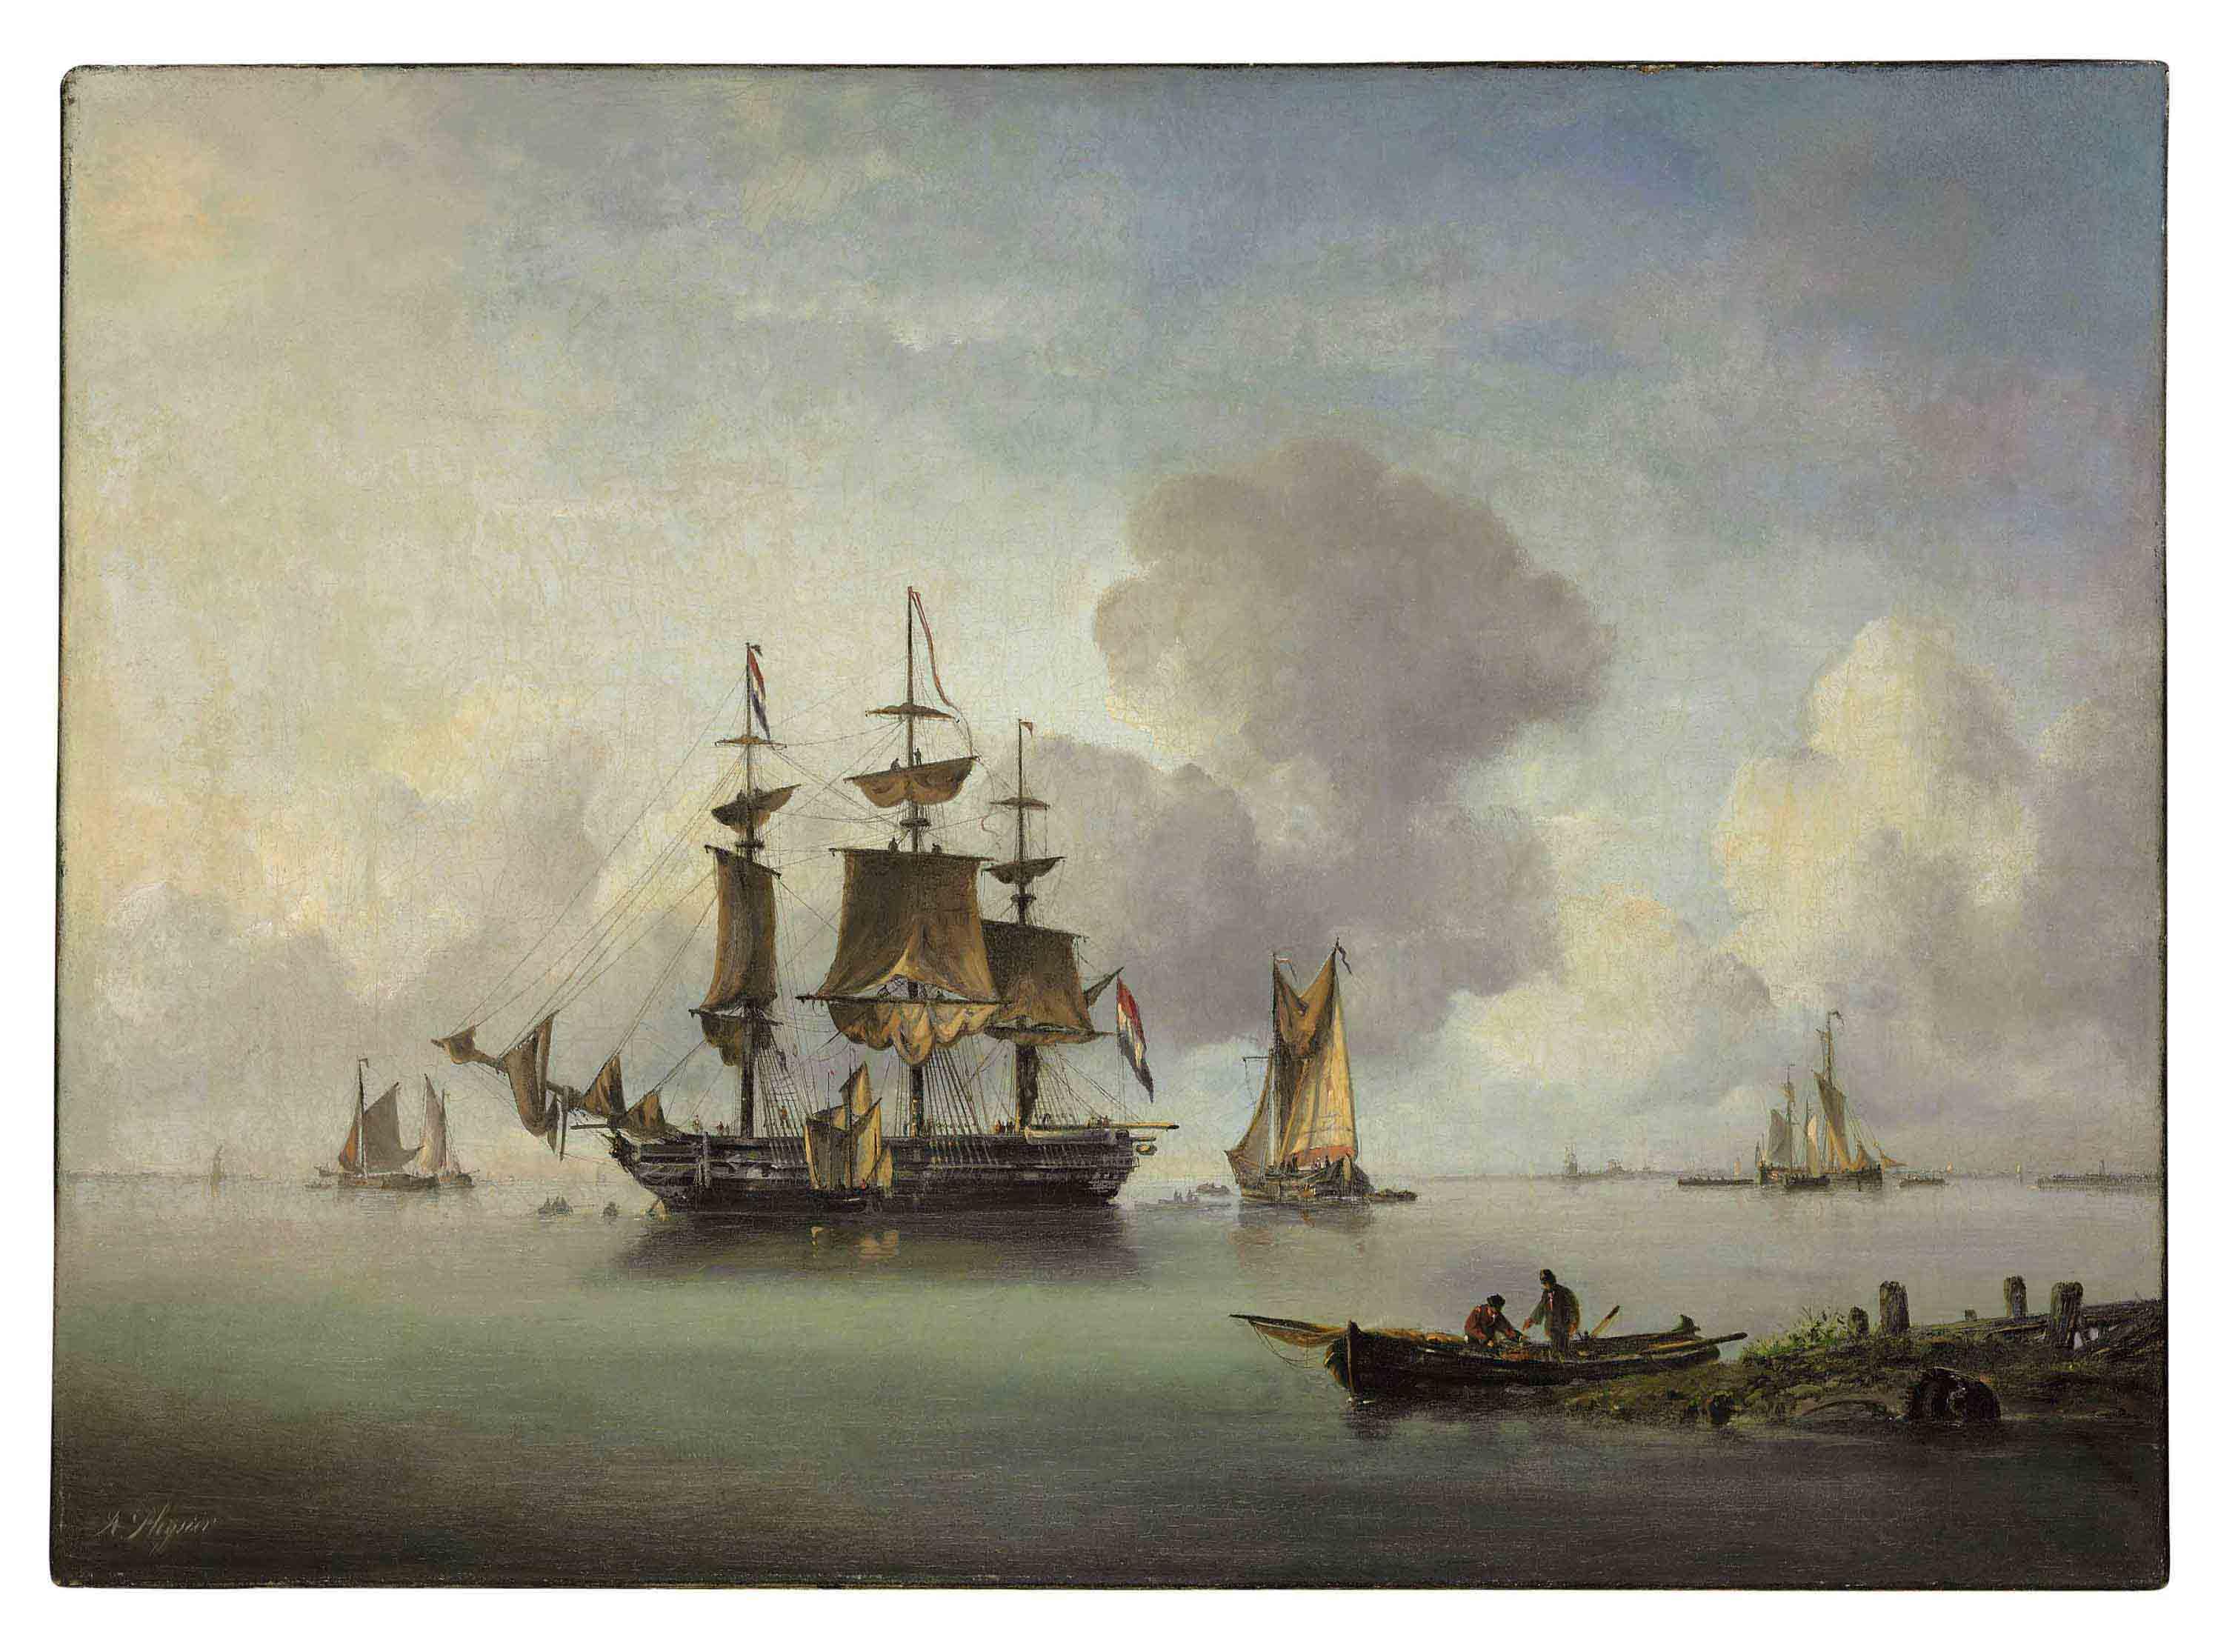 Ships in a Calm Bay